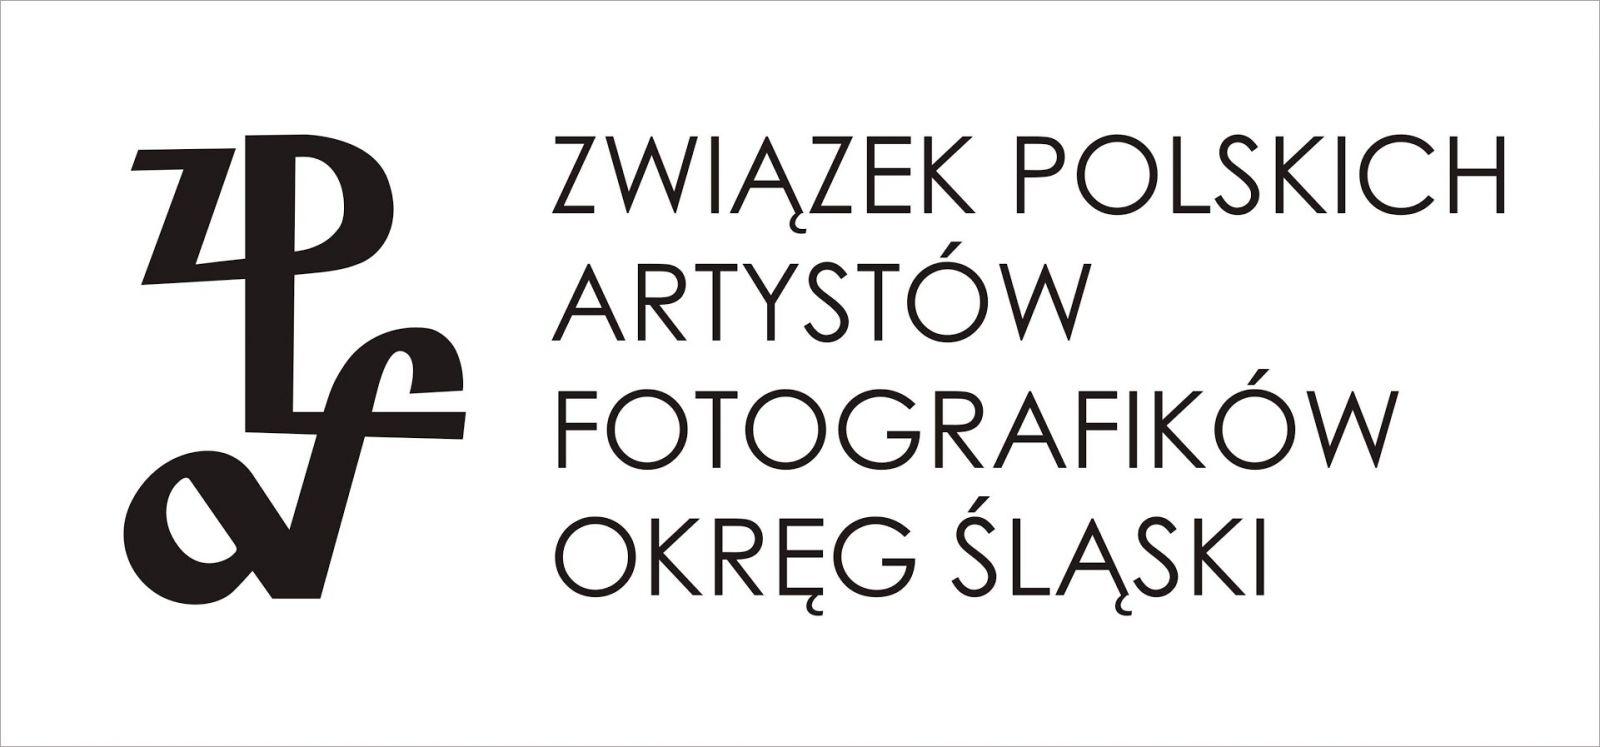 logo i podpis: związek polskich artystów fotografików okręg śląski